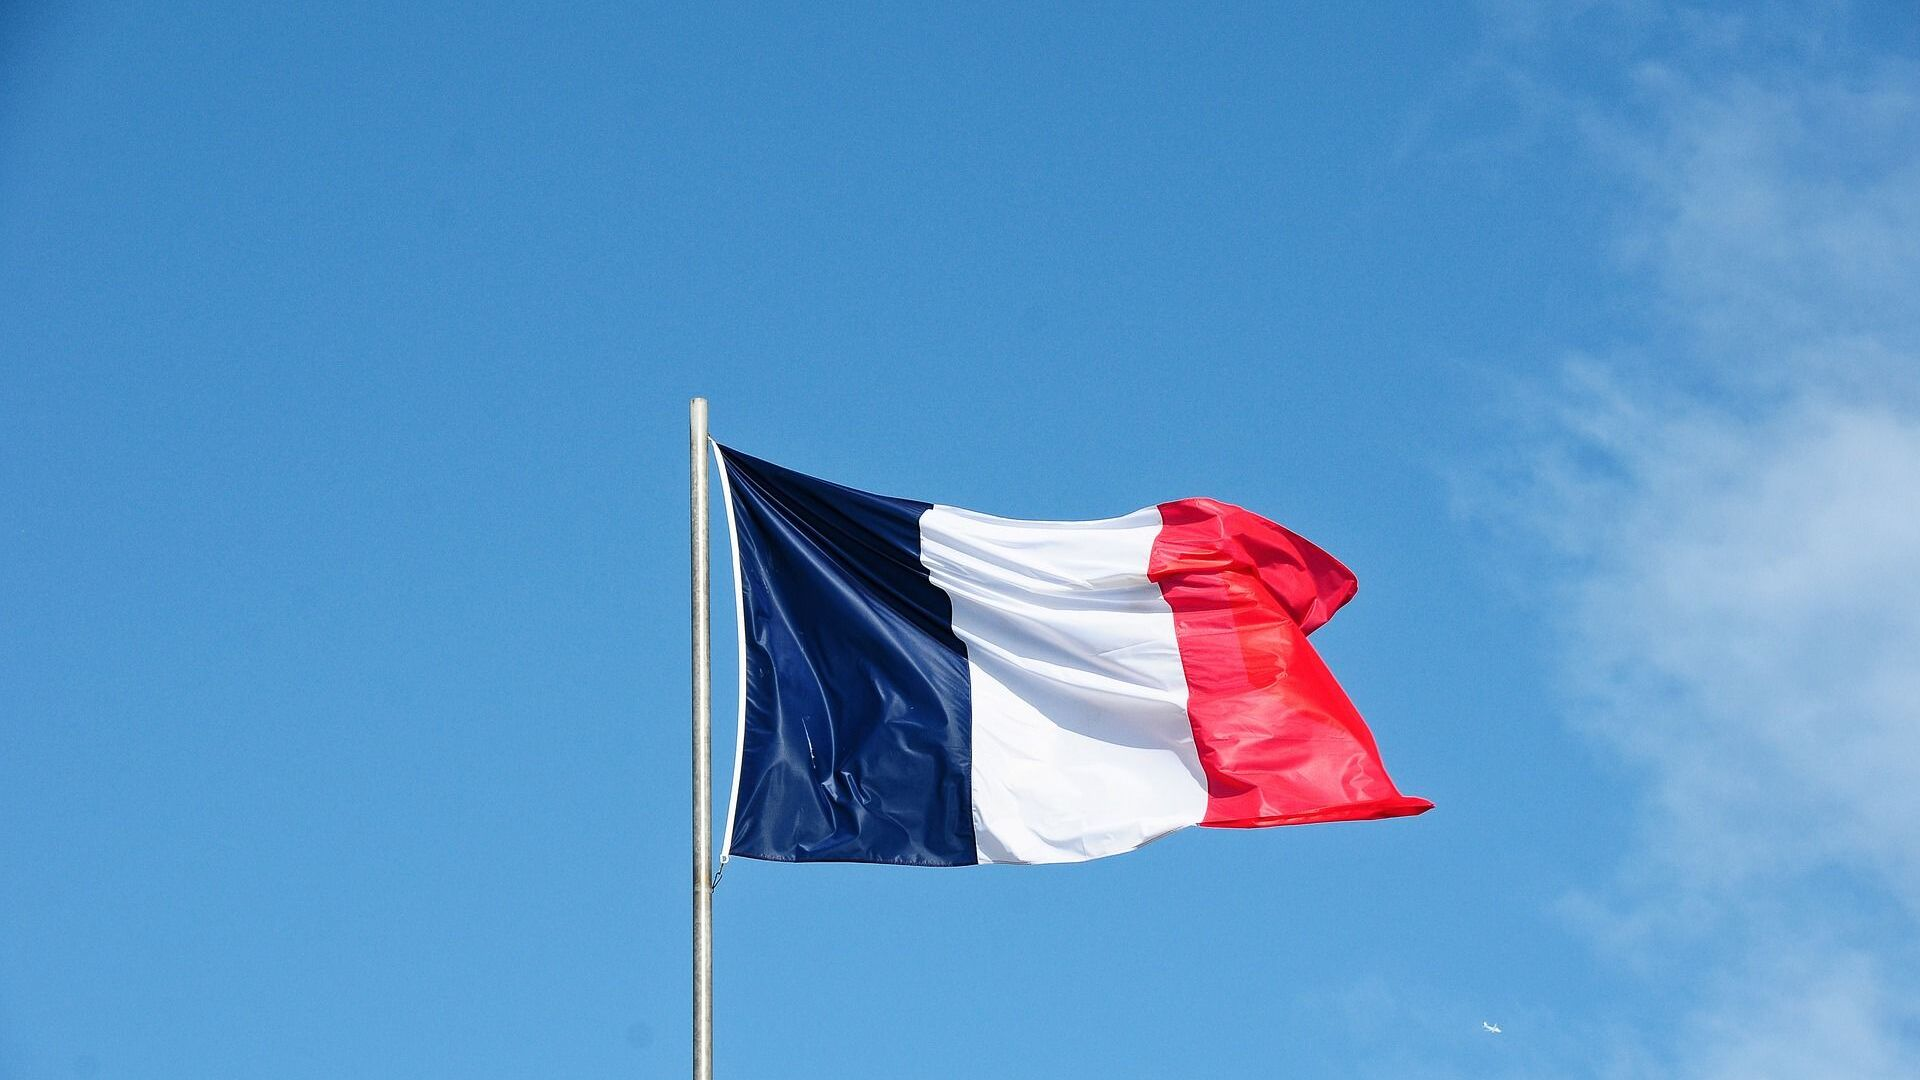 Le drapeau français  - Sputnik France, 1920, 11.02.2021